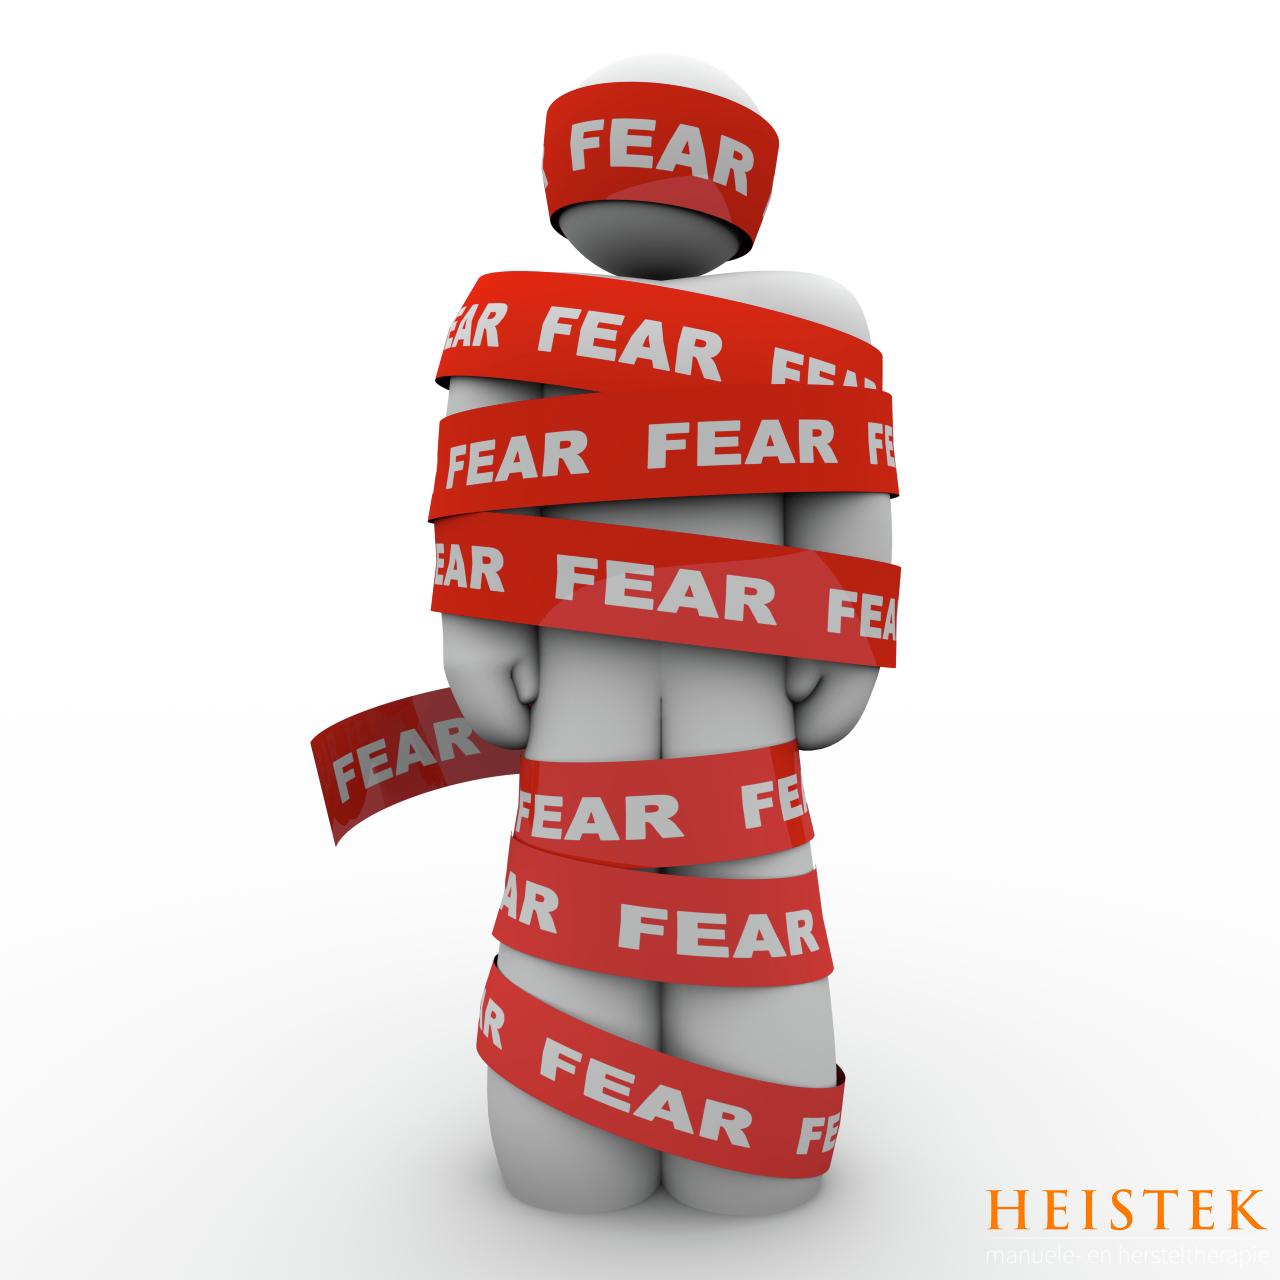 angst behandeling